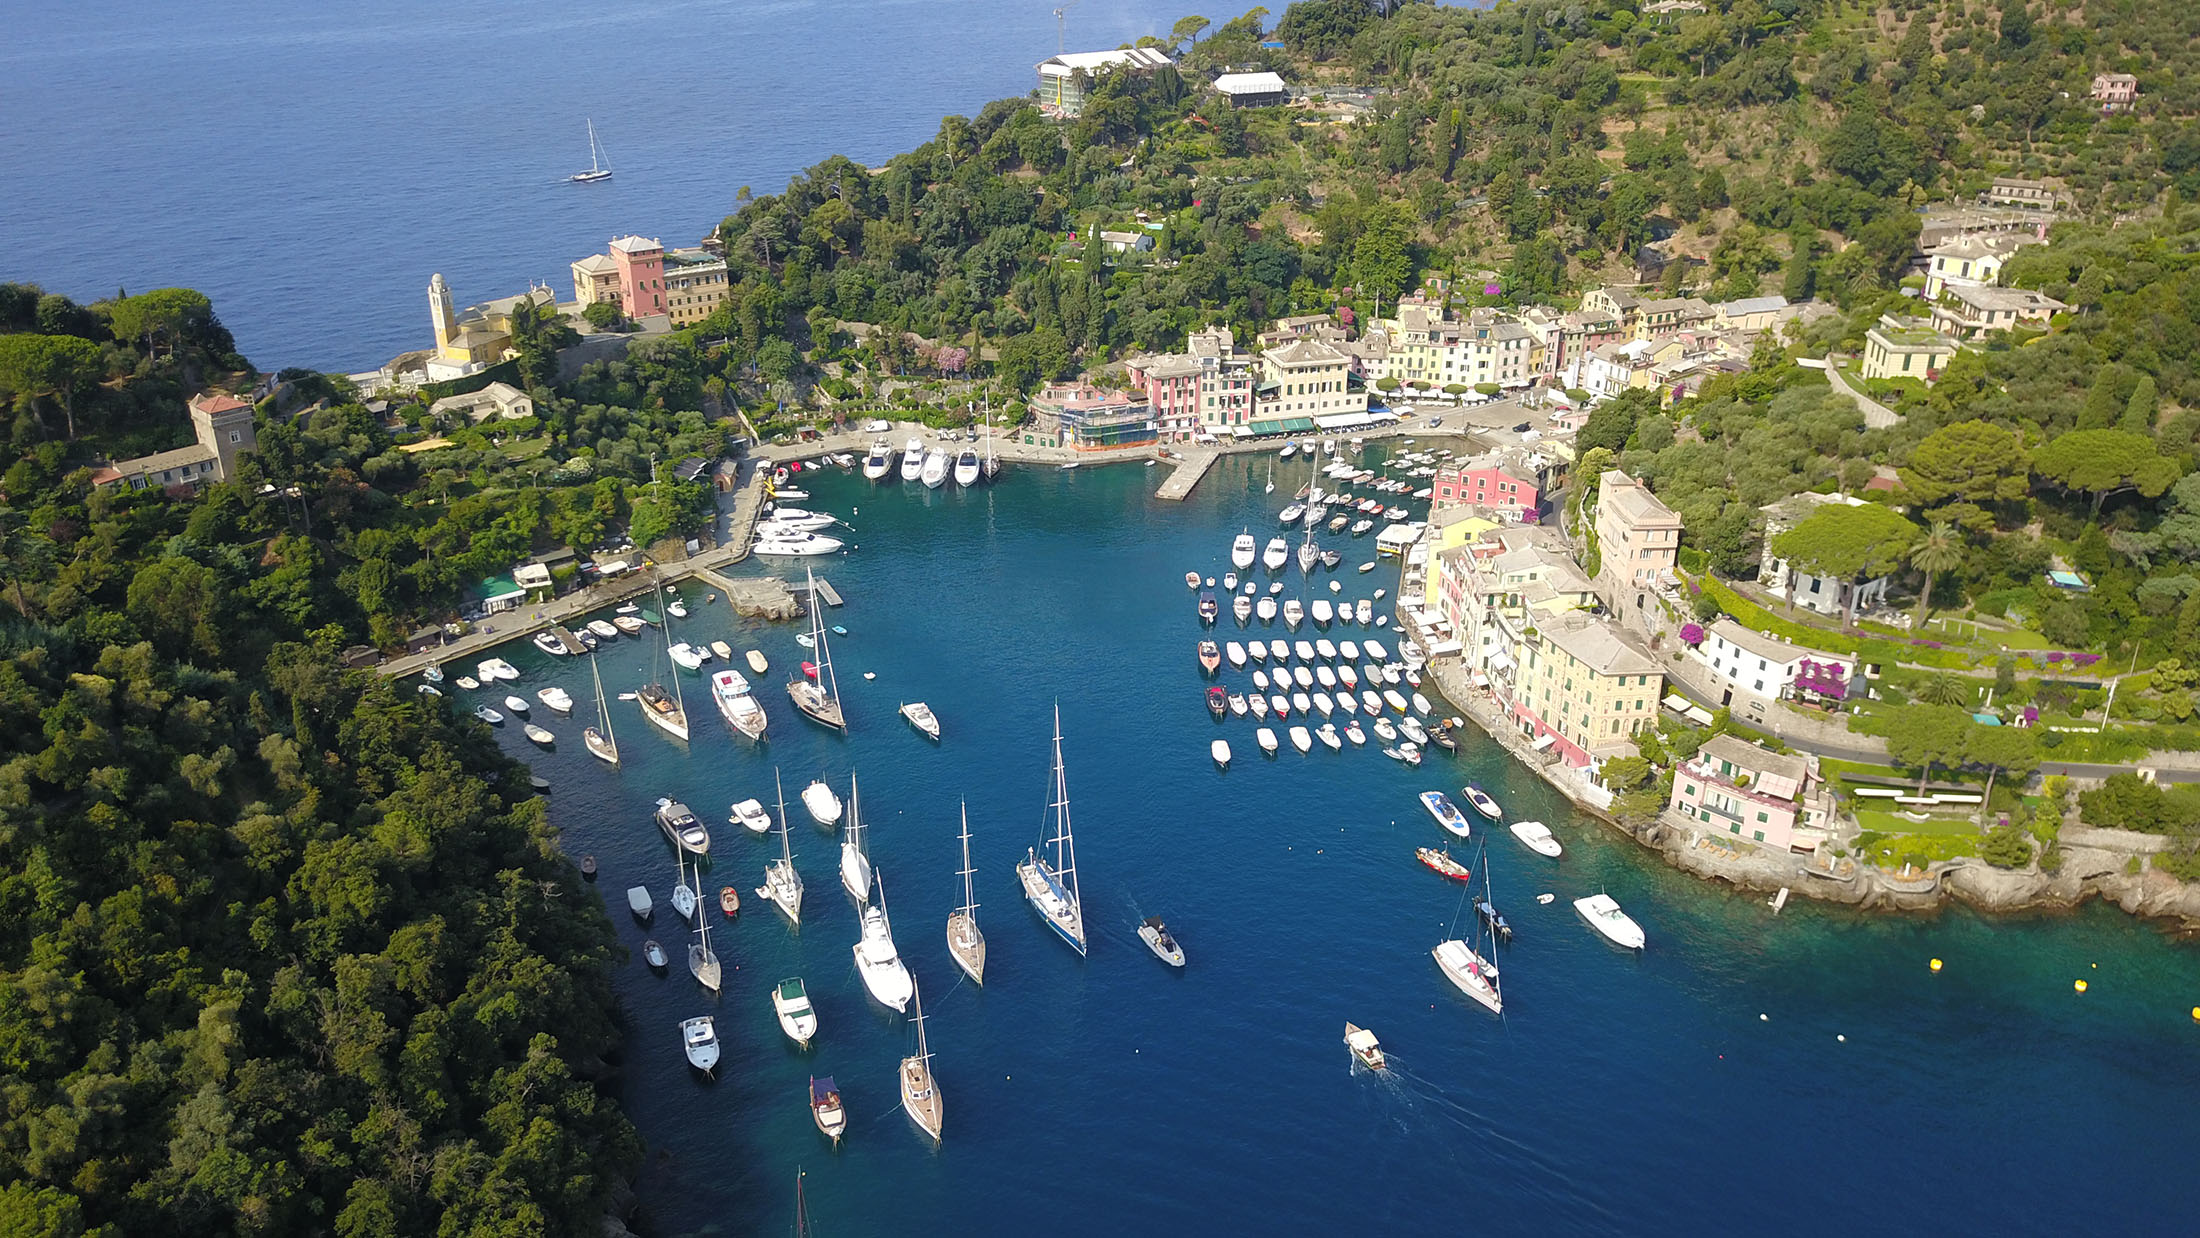 Cesare Charter Portofino - Molo di Portofino